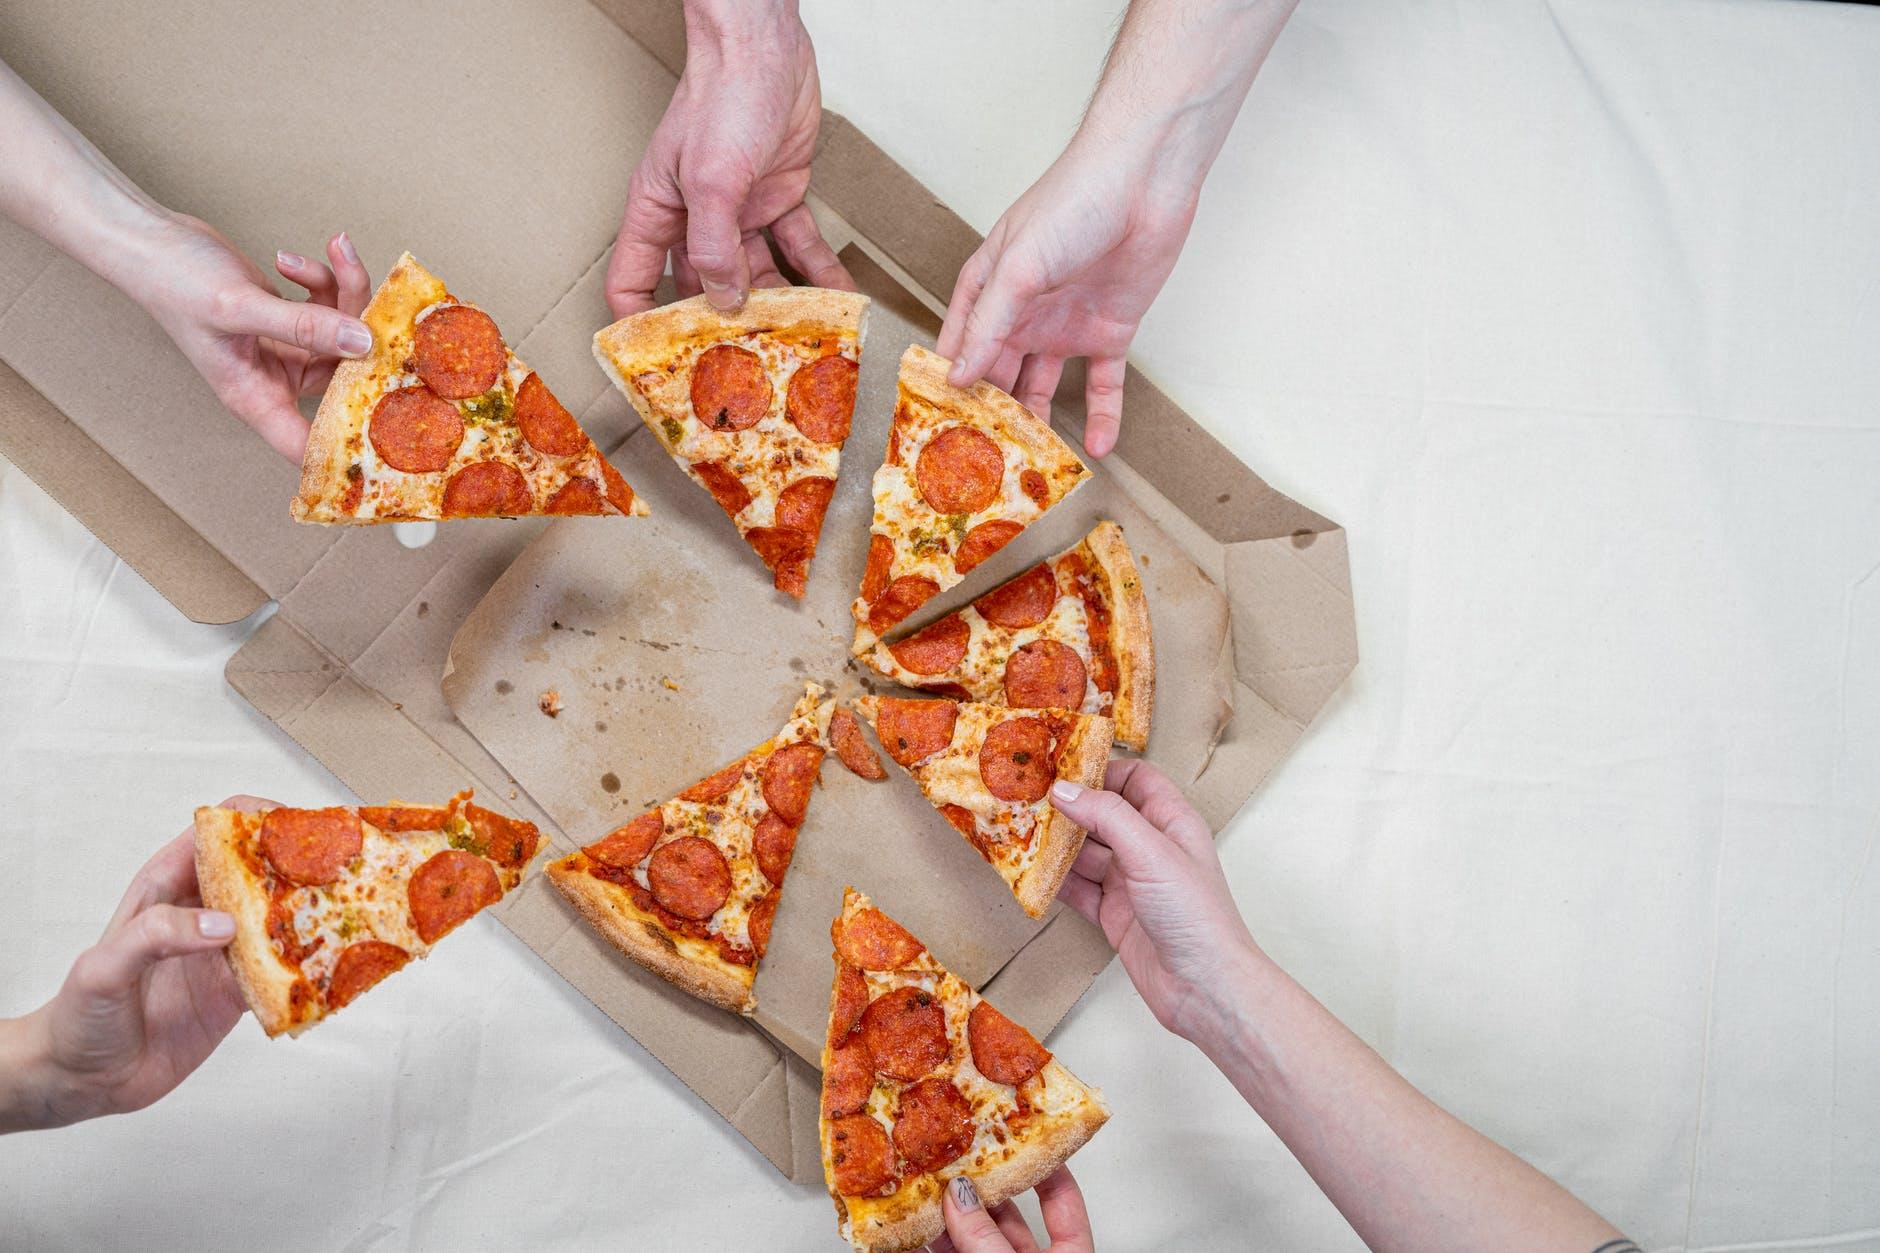 nourriture pizza mains gens